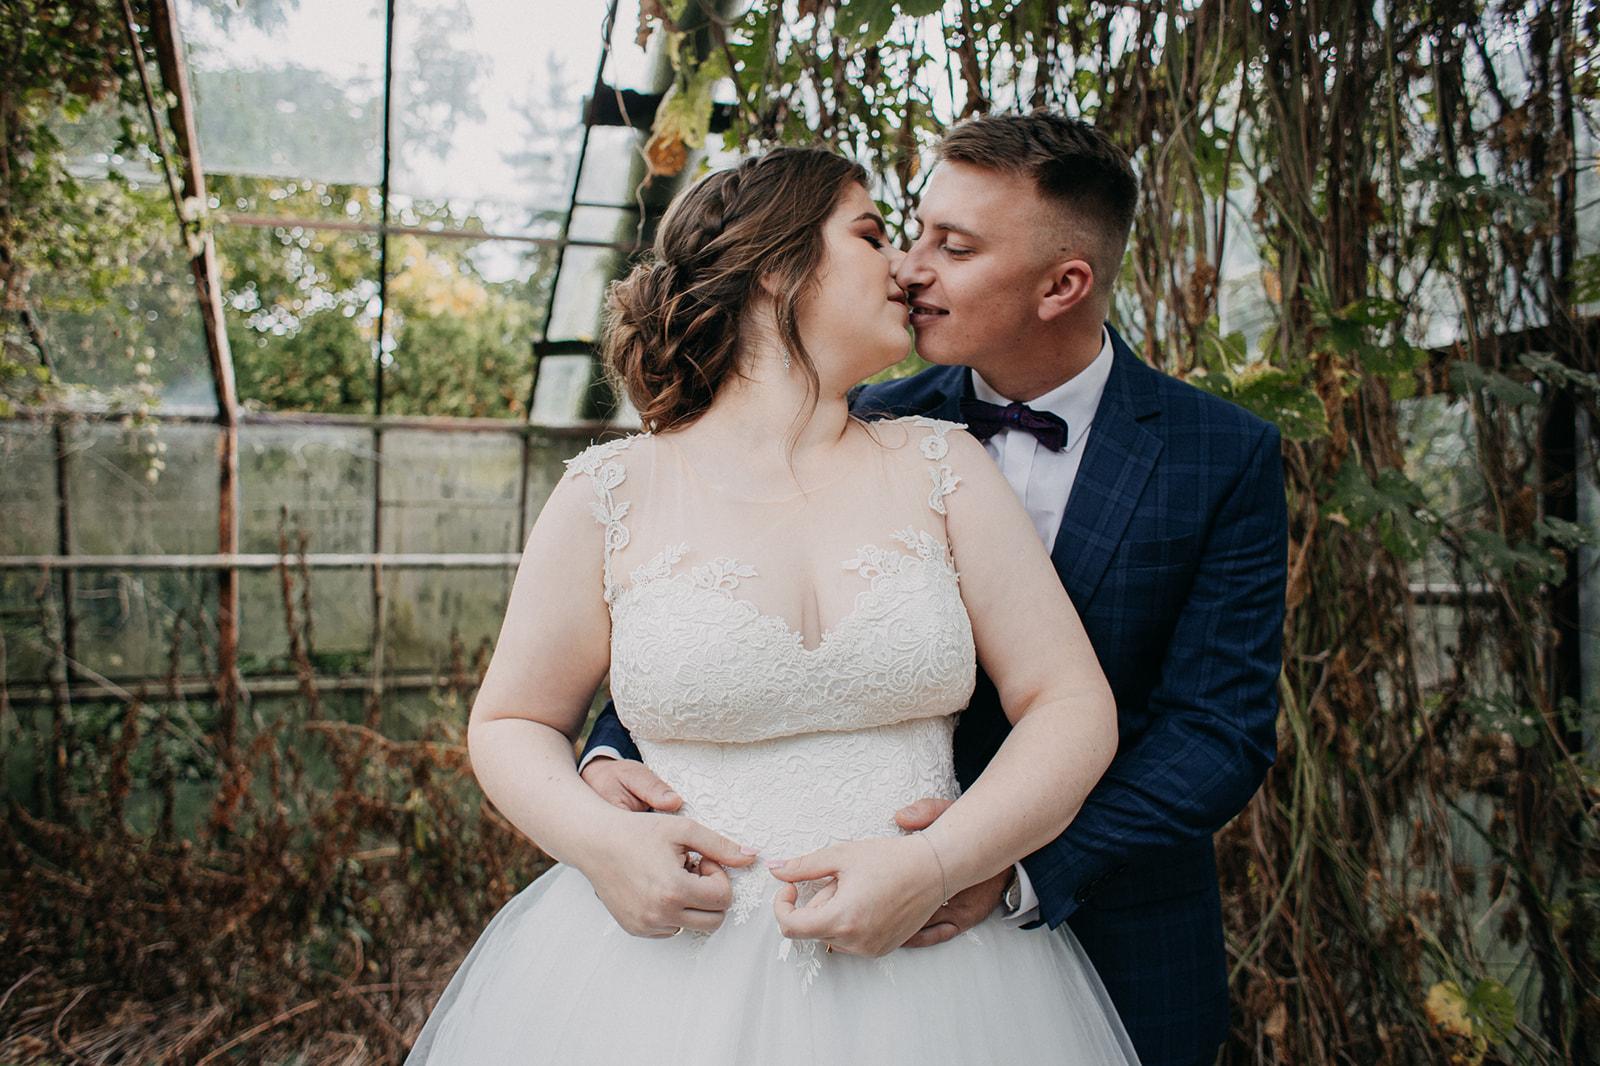 fotograf ślubny na wesele